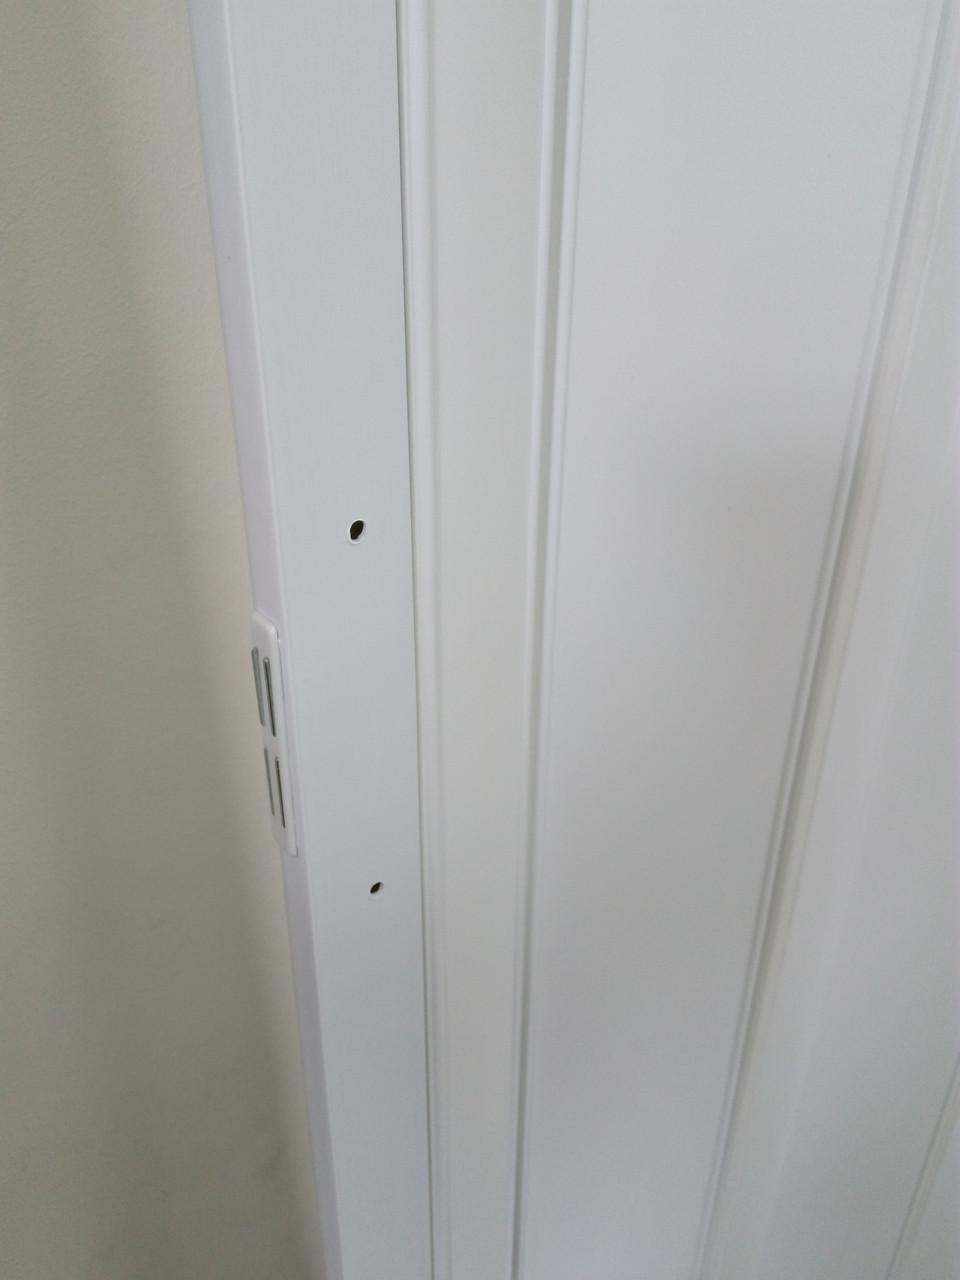 Ширма - гармошка белая 820х2030х0,6 мм гармошка раздвижная межкомнатная пластиковая глухая - фото 6